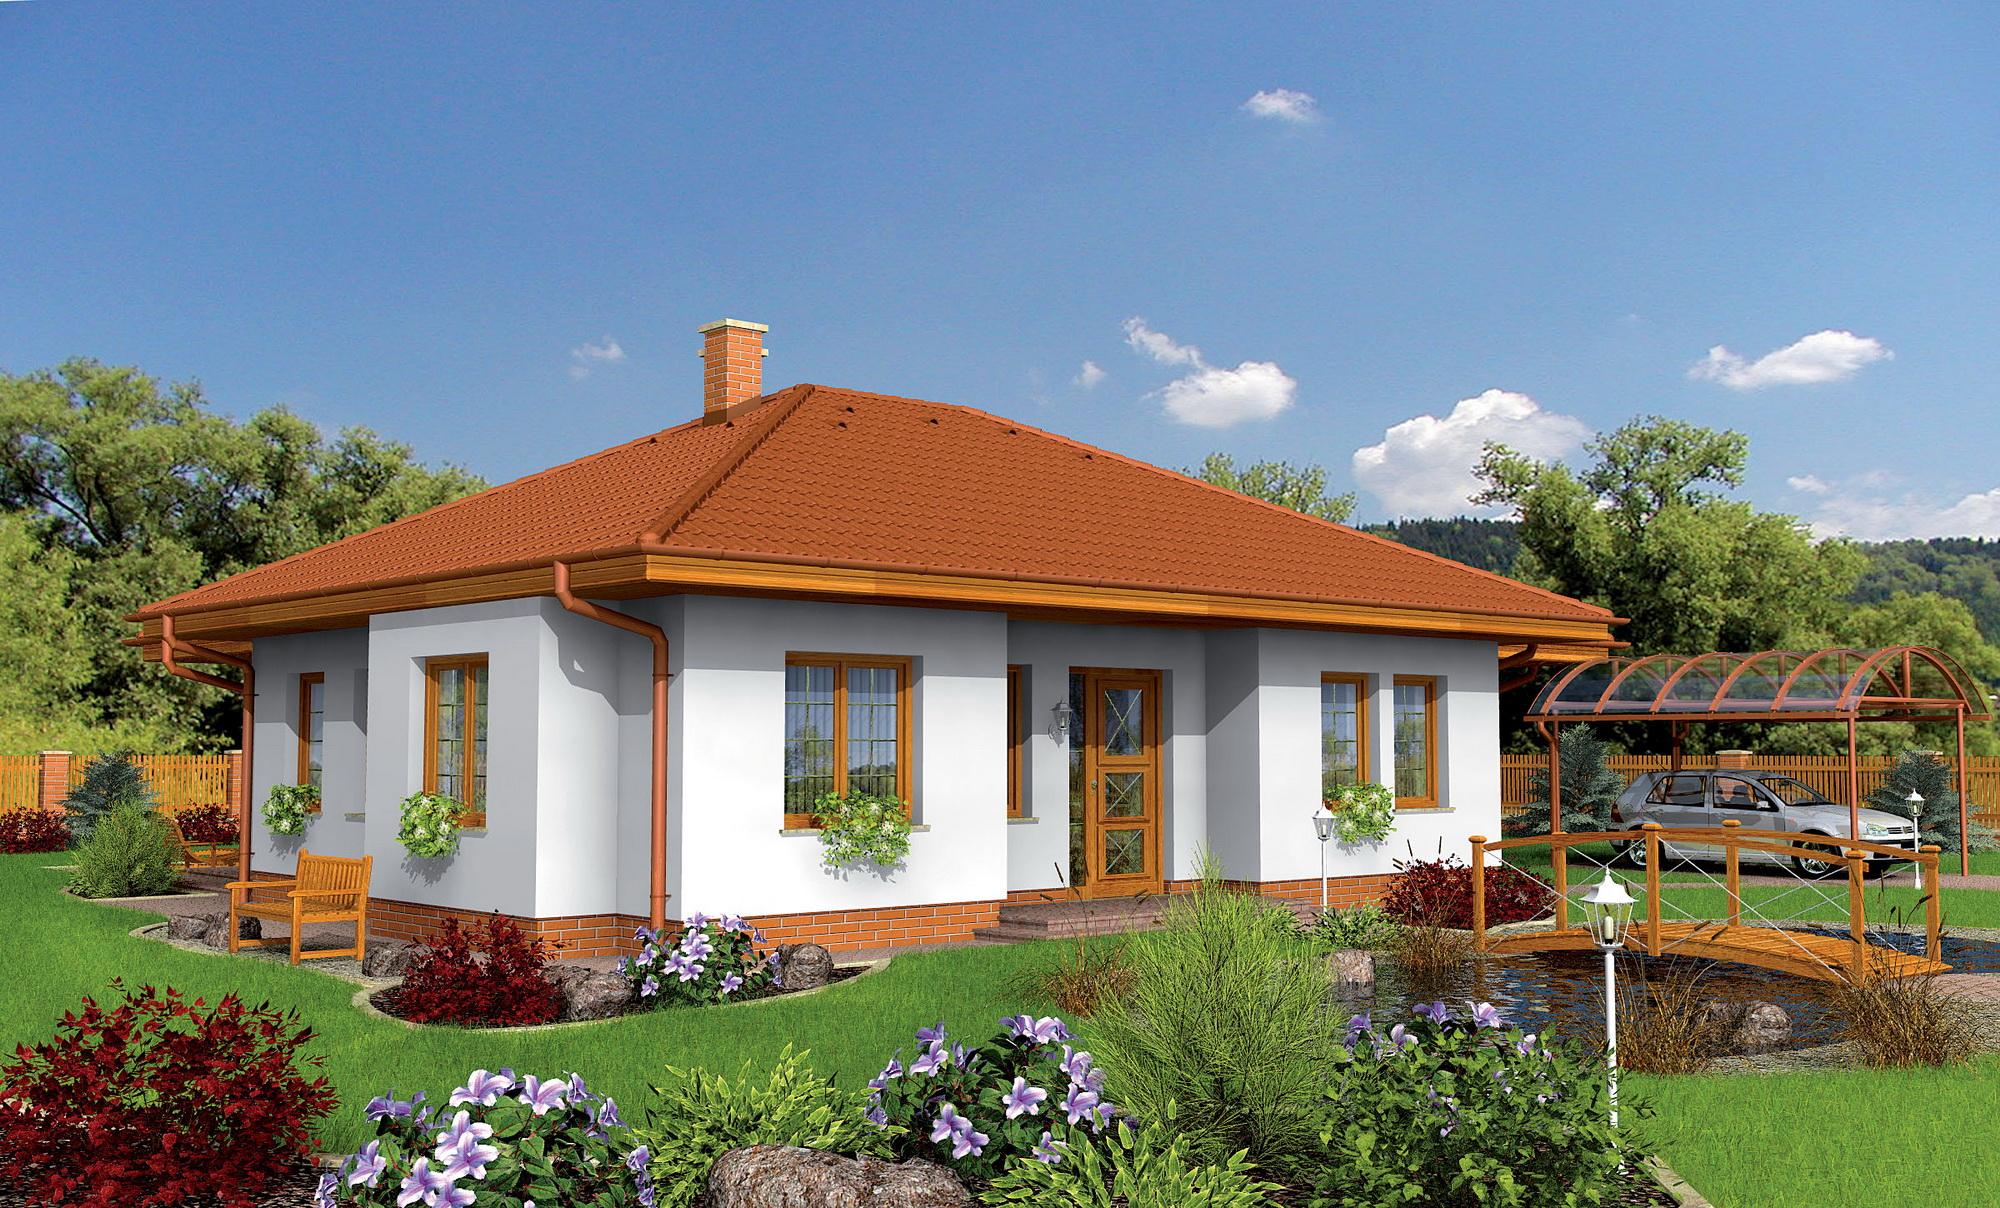 Fondos de pantalla casa dise o del paisaje hierba c sped - Paisajes de casas ...